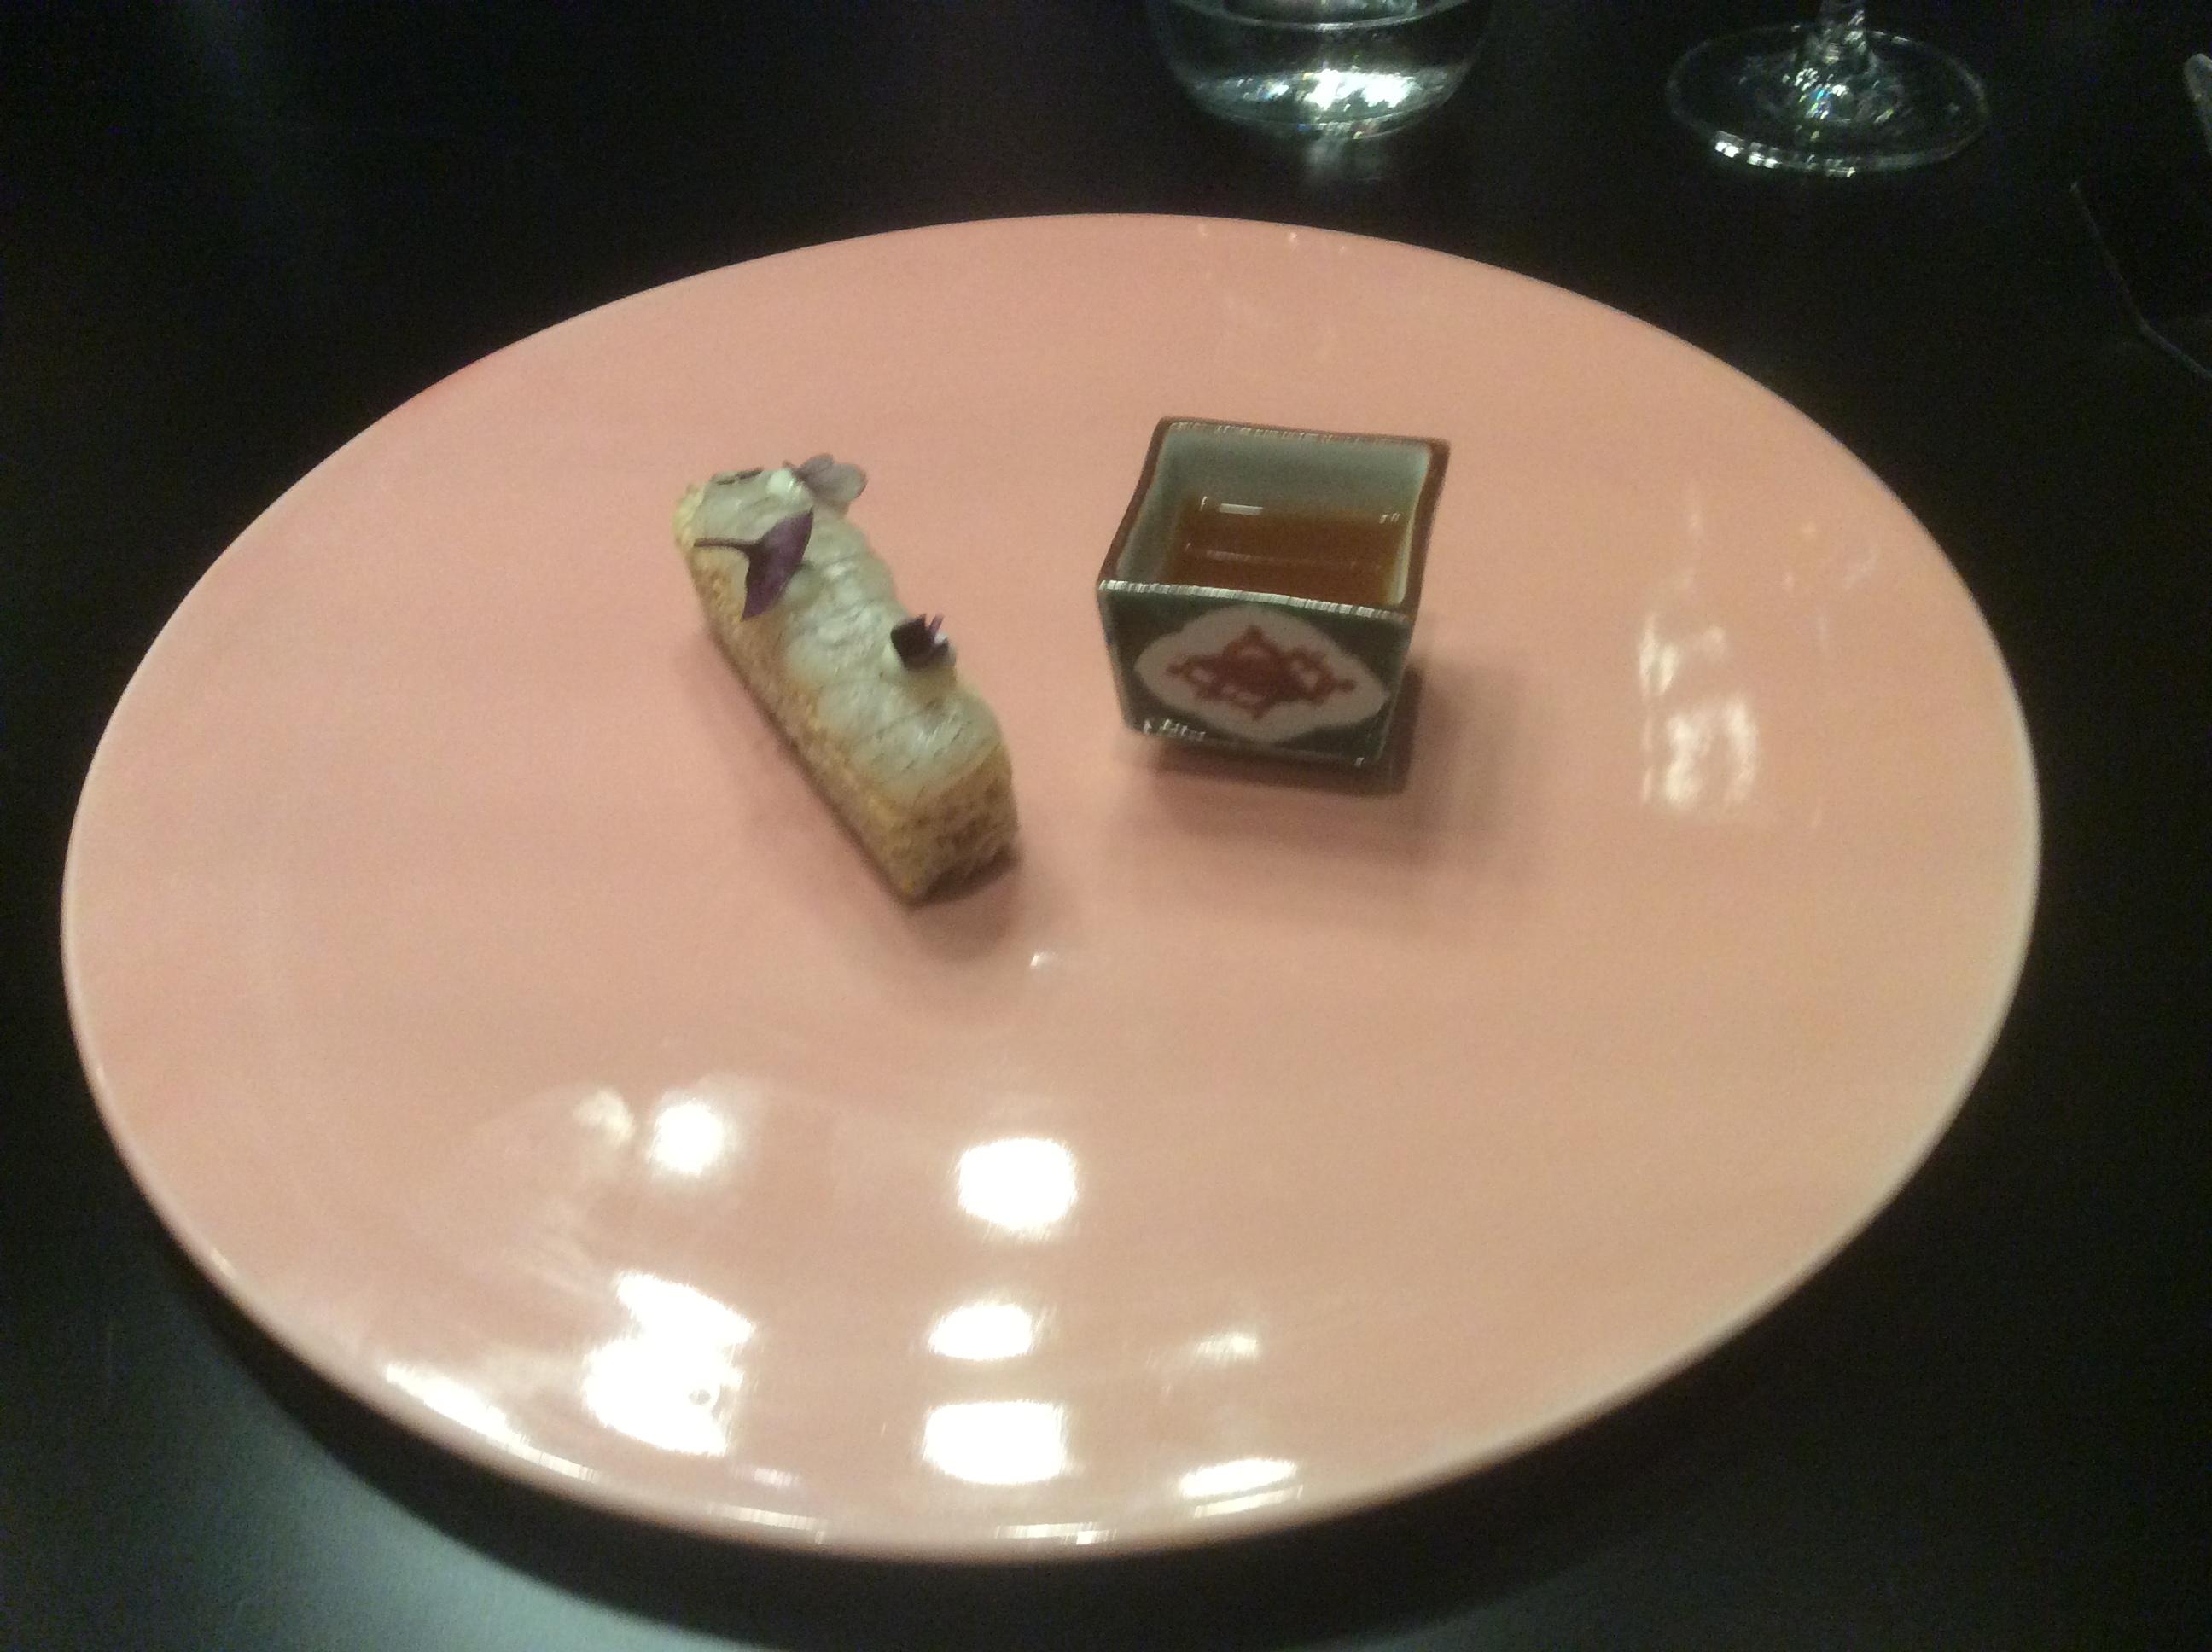 http://gourmet-italian.com/3032.JPG